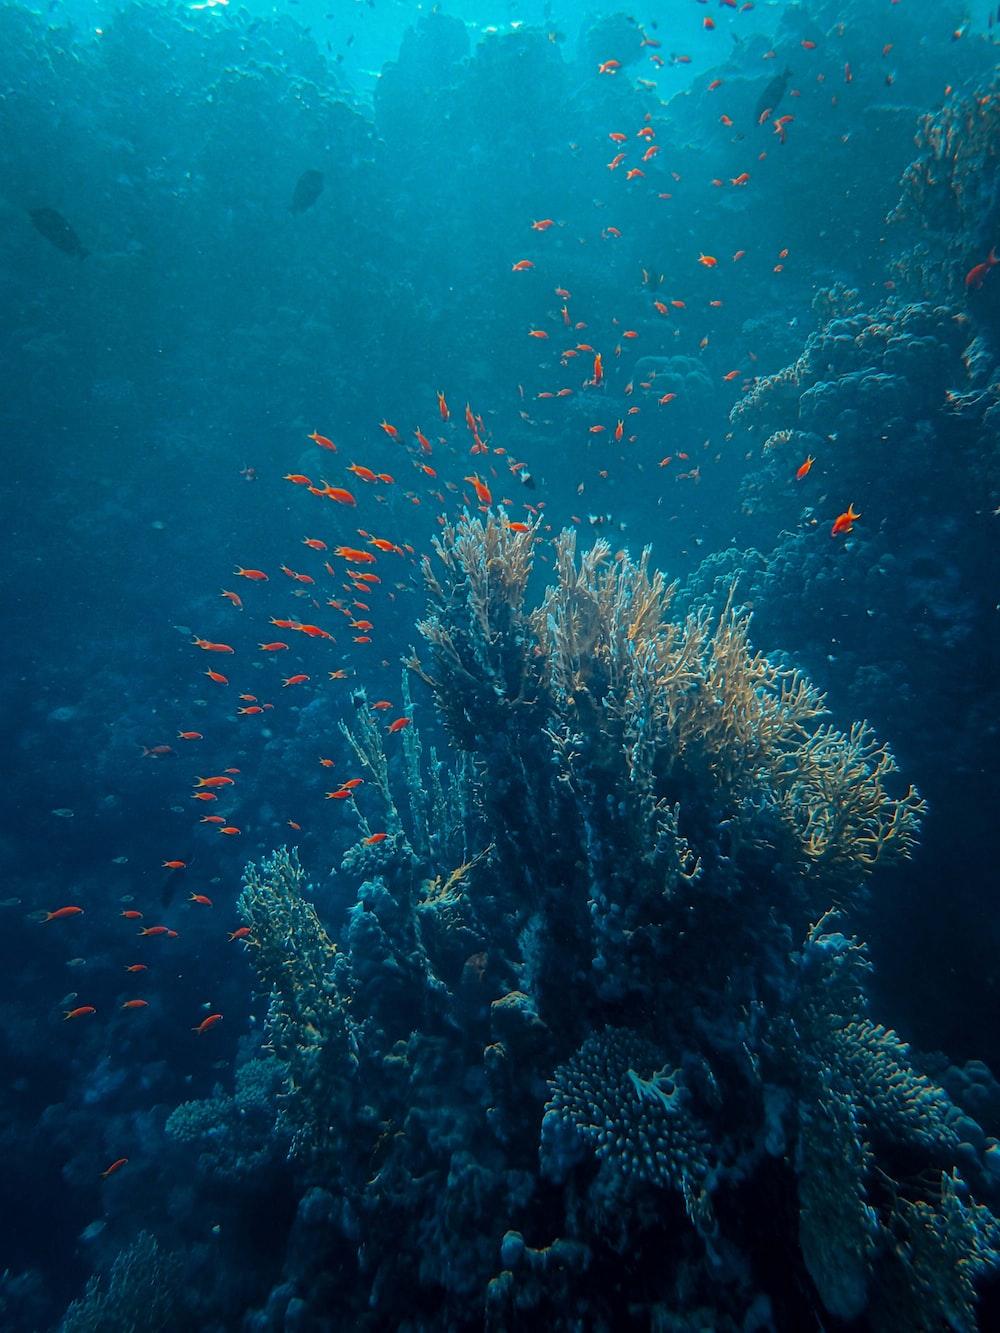 brown coral reef under water